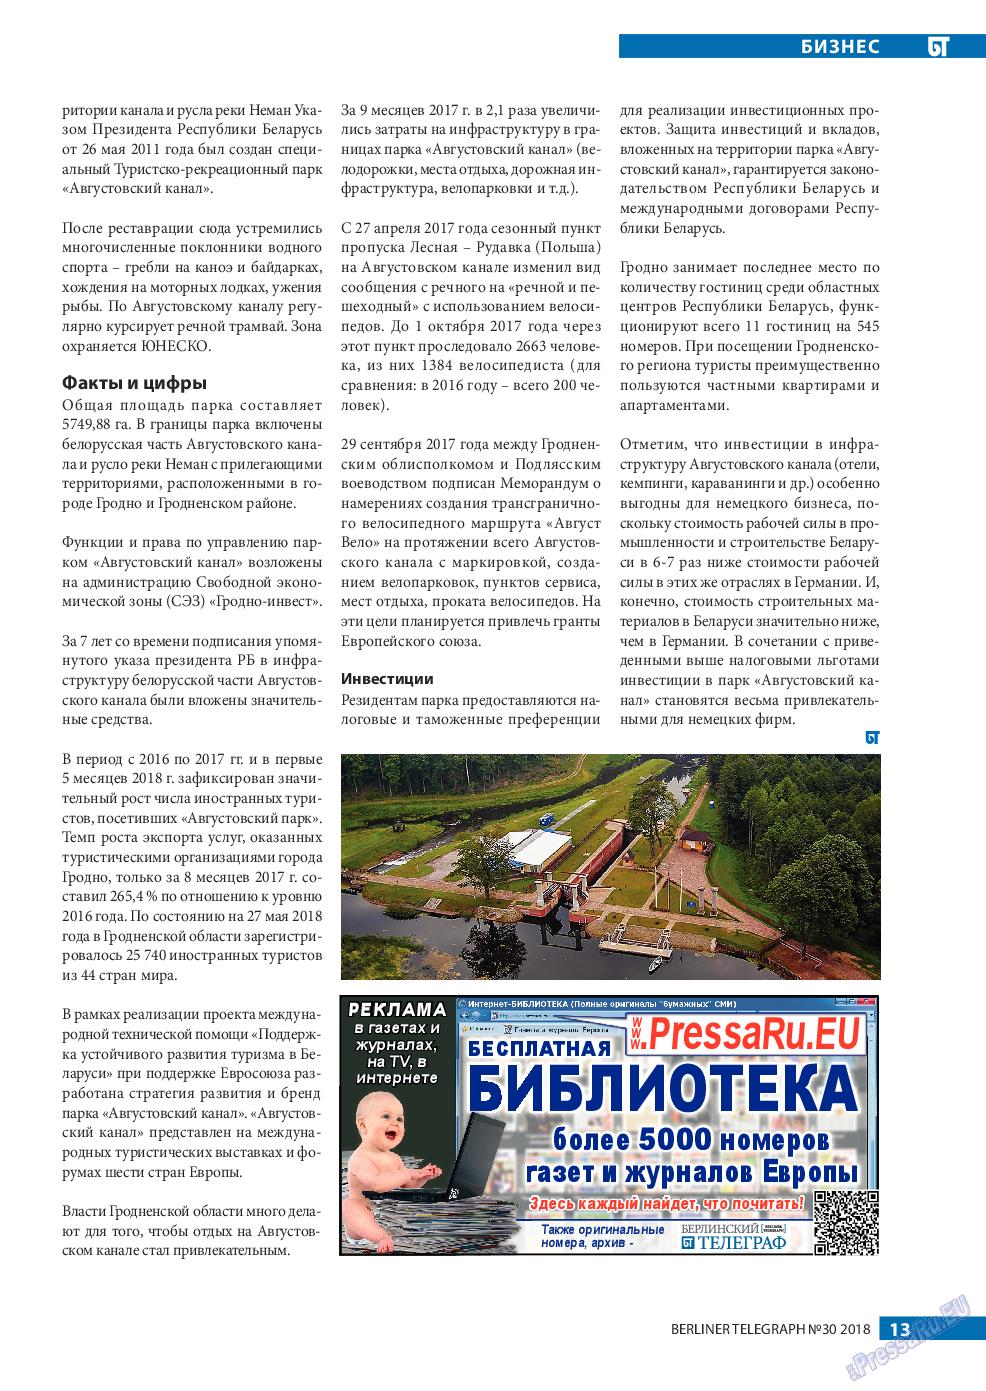 Берлинский телеграф (журнал). 2018 год, номер 30, стр. 13